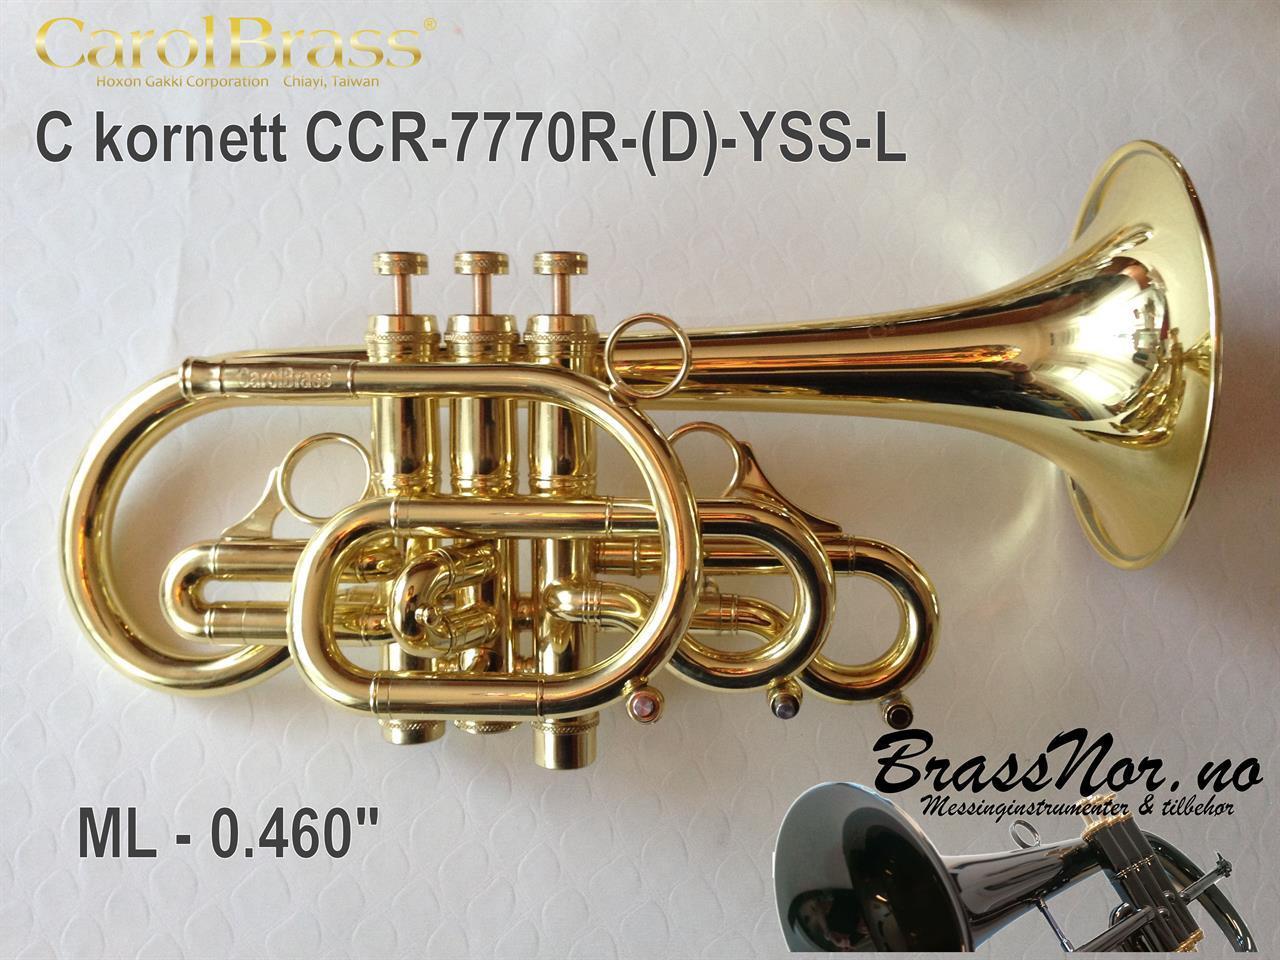 C kornett CCR-7770R-YSS-L